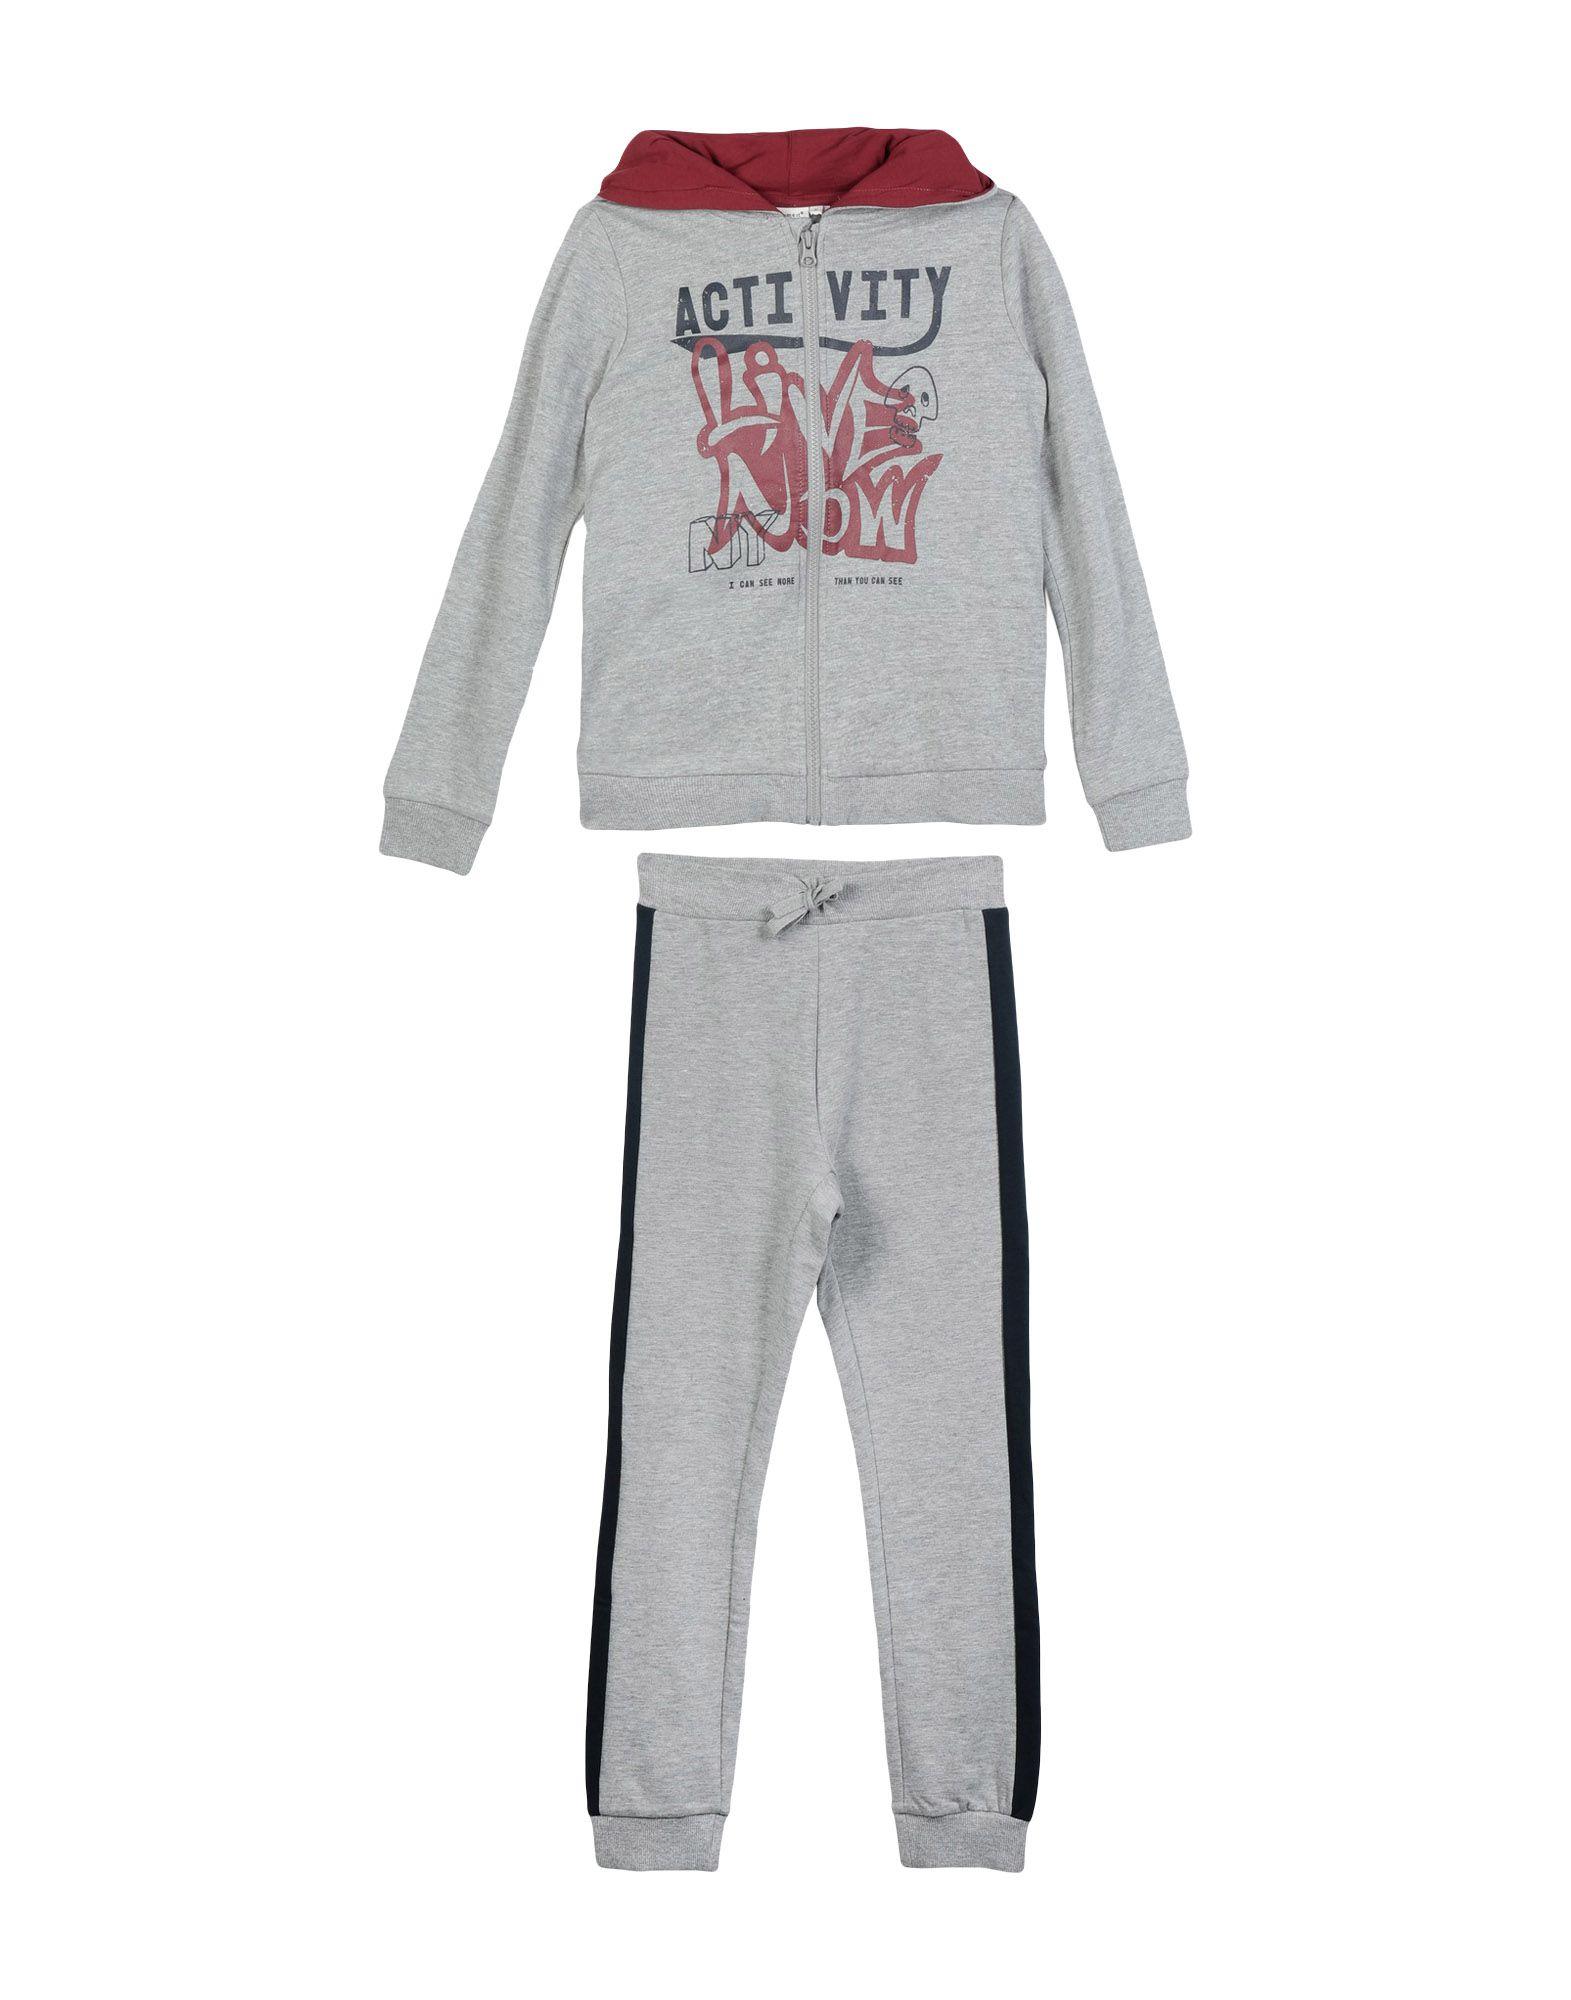 Фото - NAME IT® Спортивный костюм спортивный костюм xtep 2015 r1